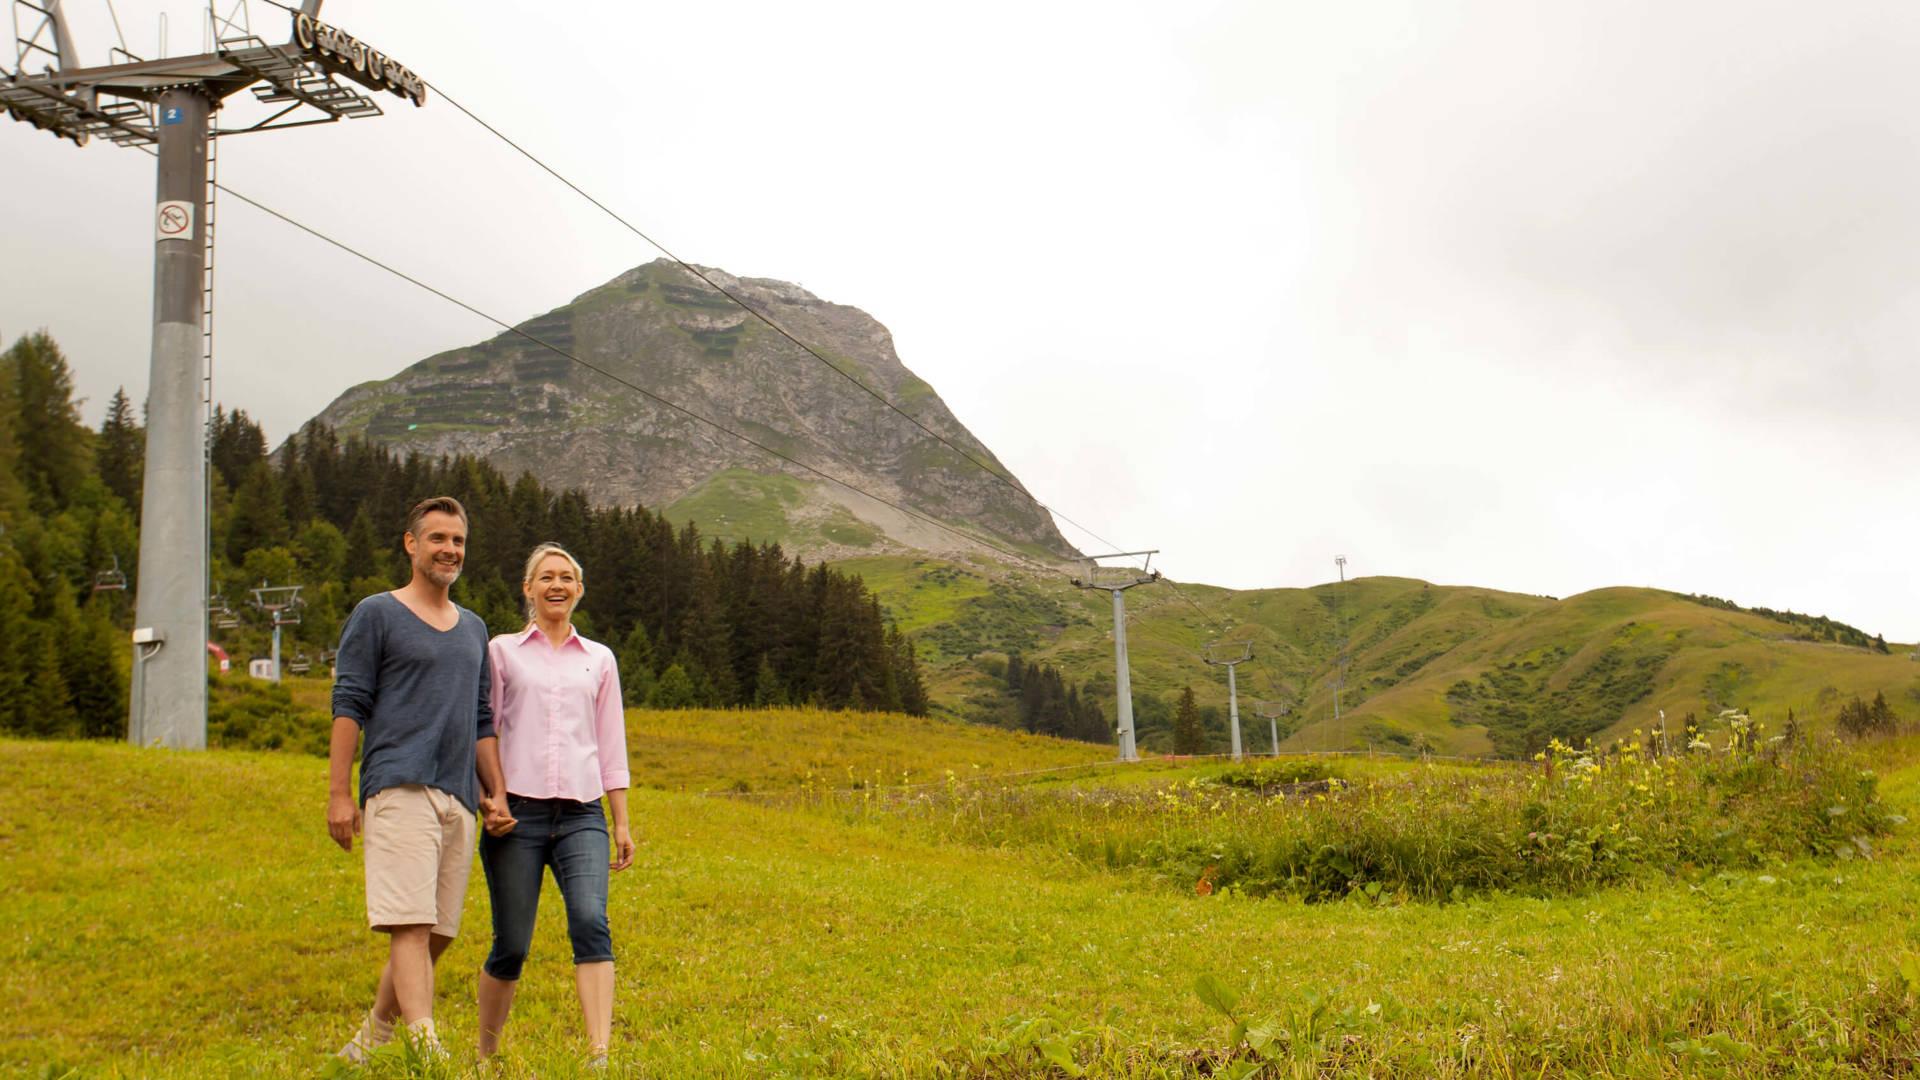 Romantisch Wandern in Vorarlberg im Sommer